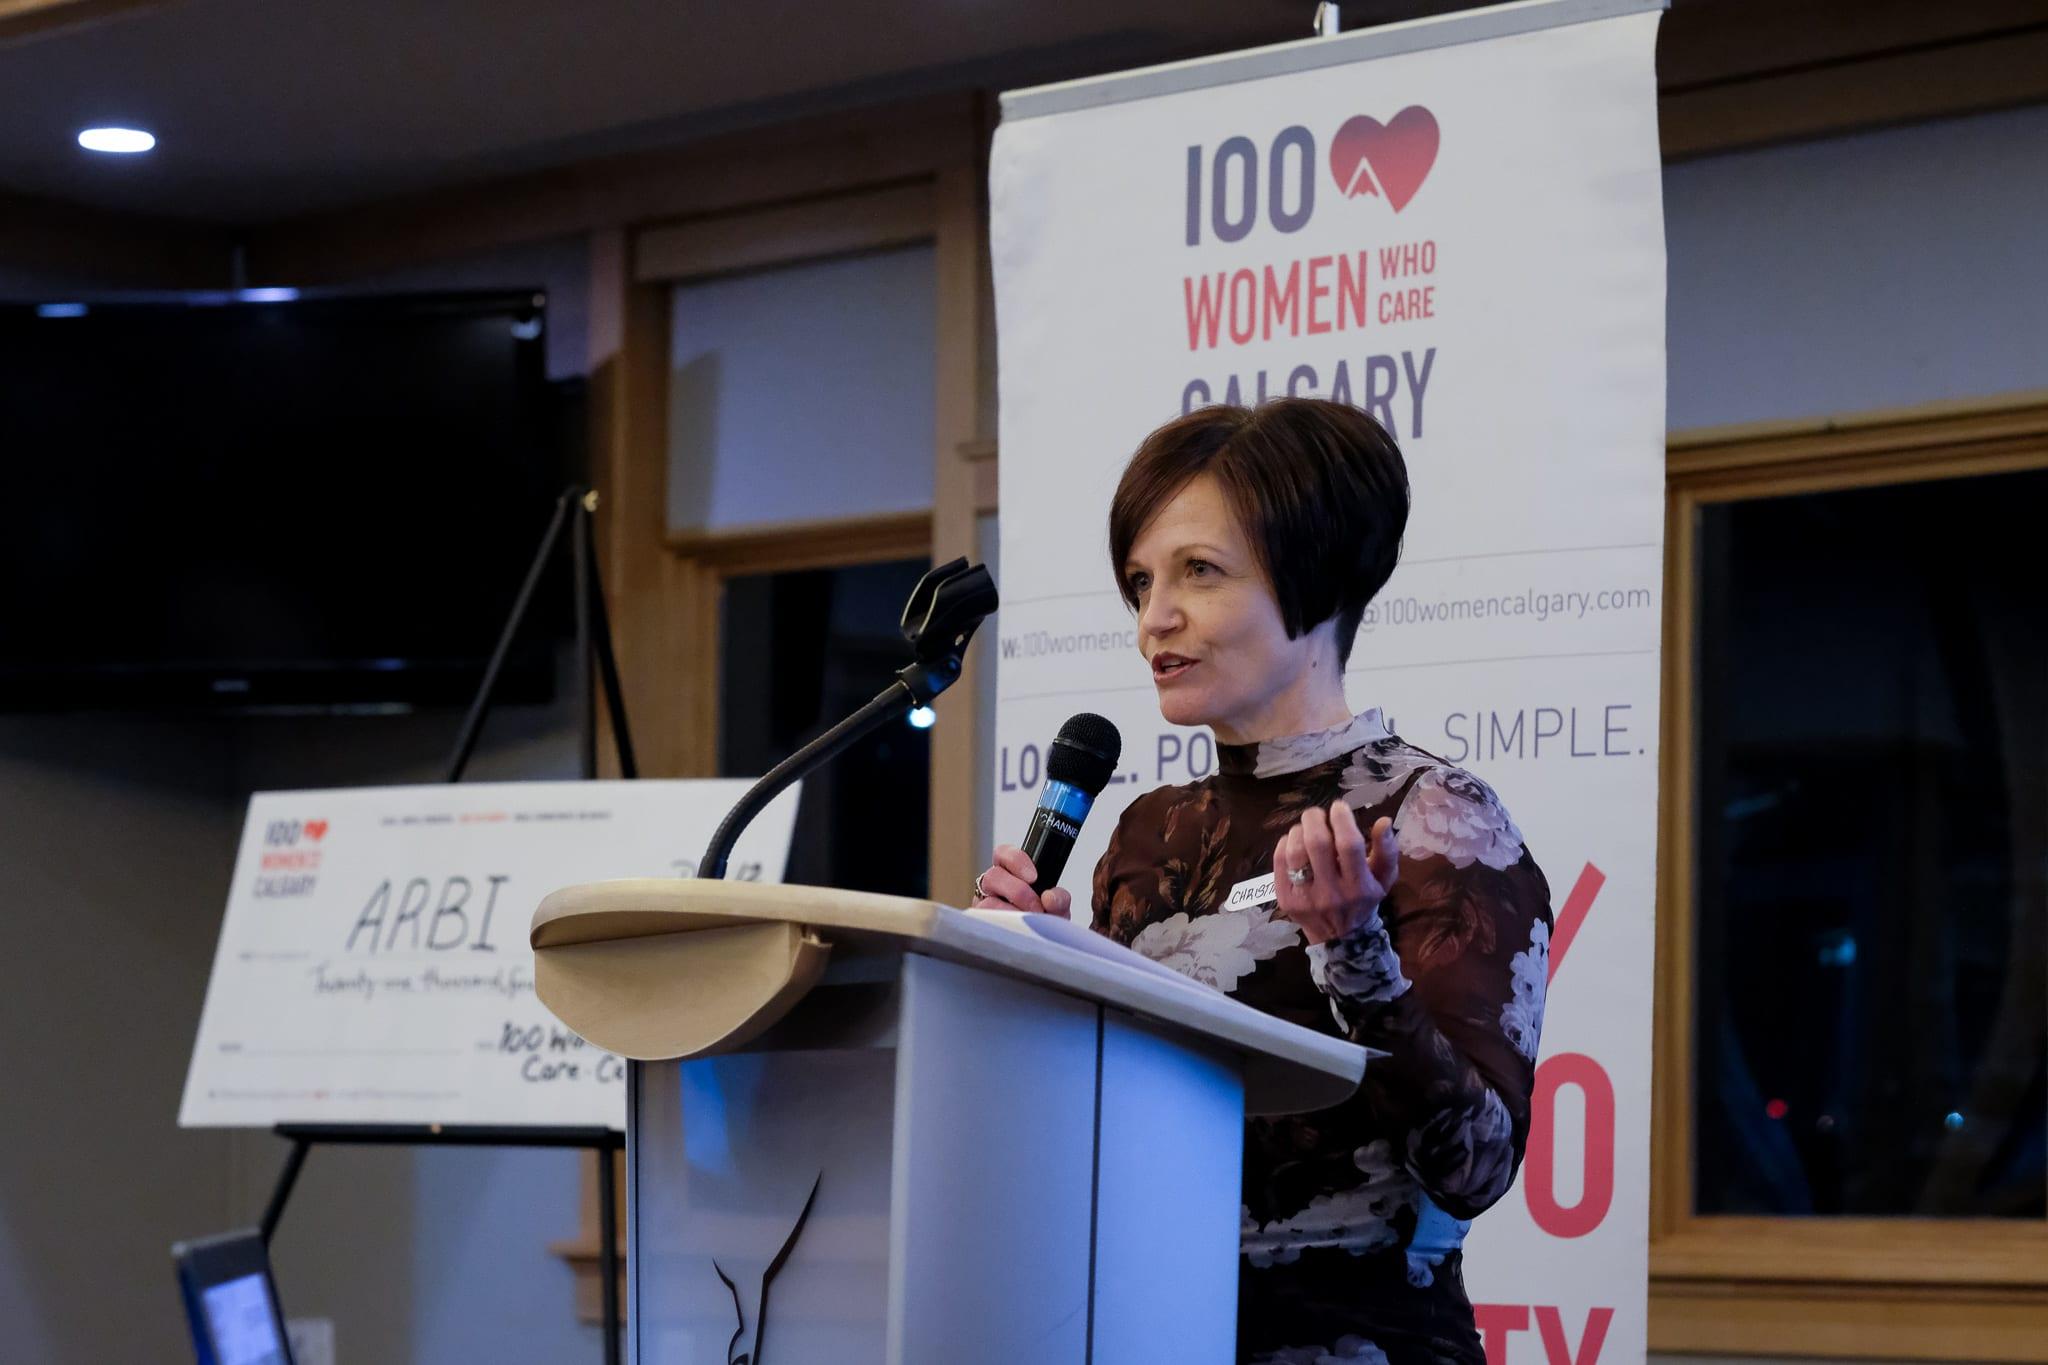 Christine Mack-Granger spoke for Calgary Health Trust - Grief Support Program